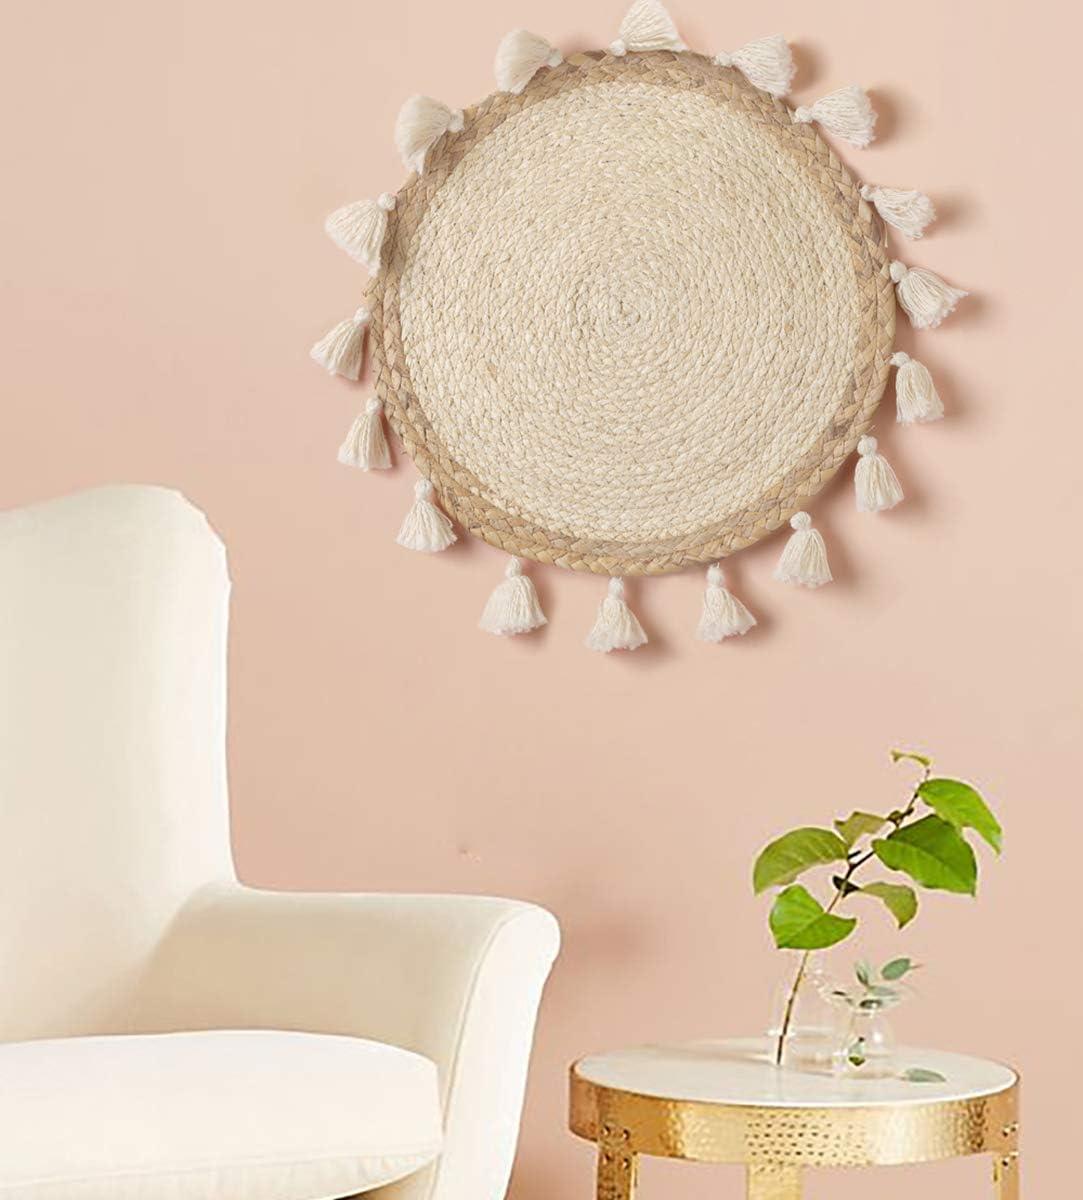 """Woven Wall Baskets Wall Hanging Tassel Macrame Boho Wall Art Home Décor,12"""" Diameter"""